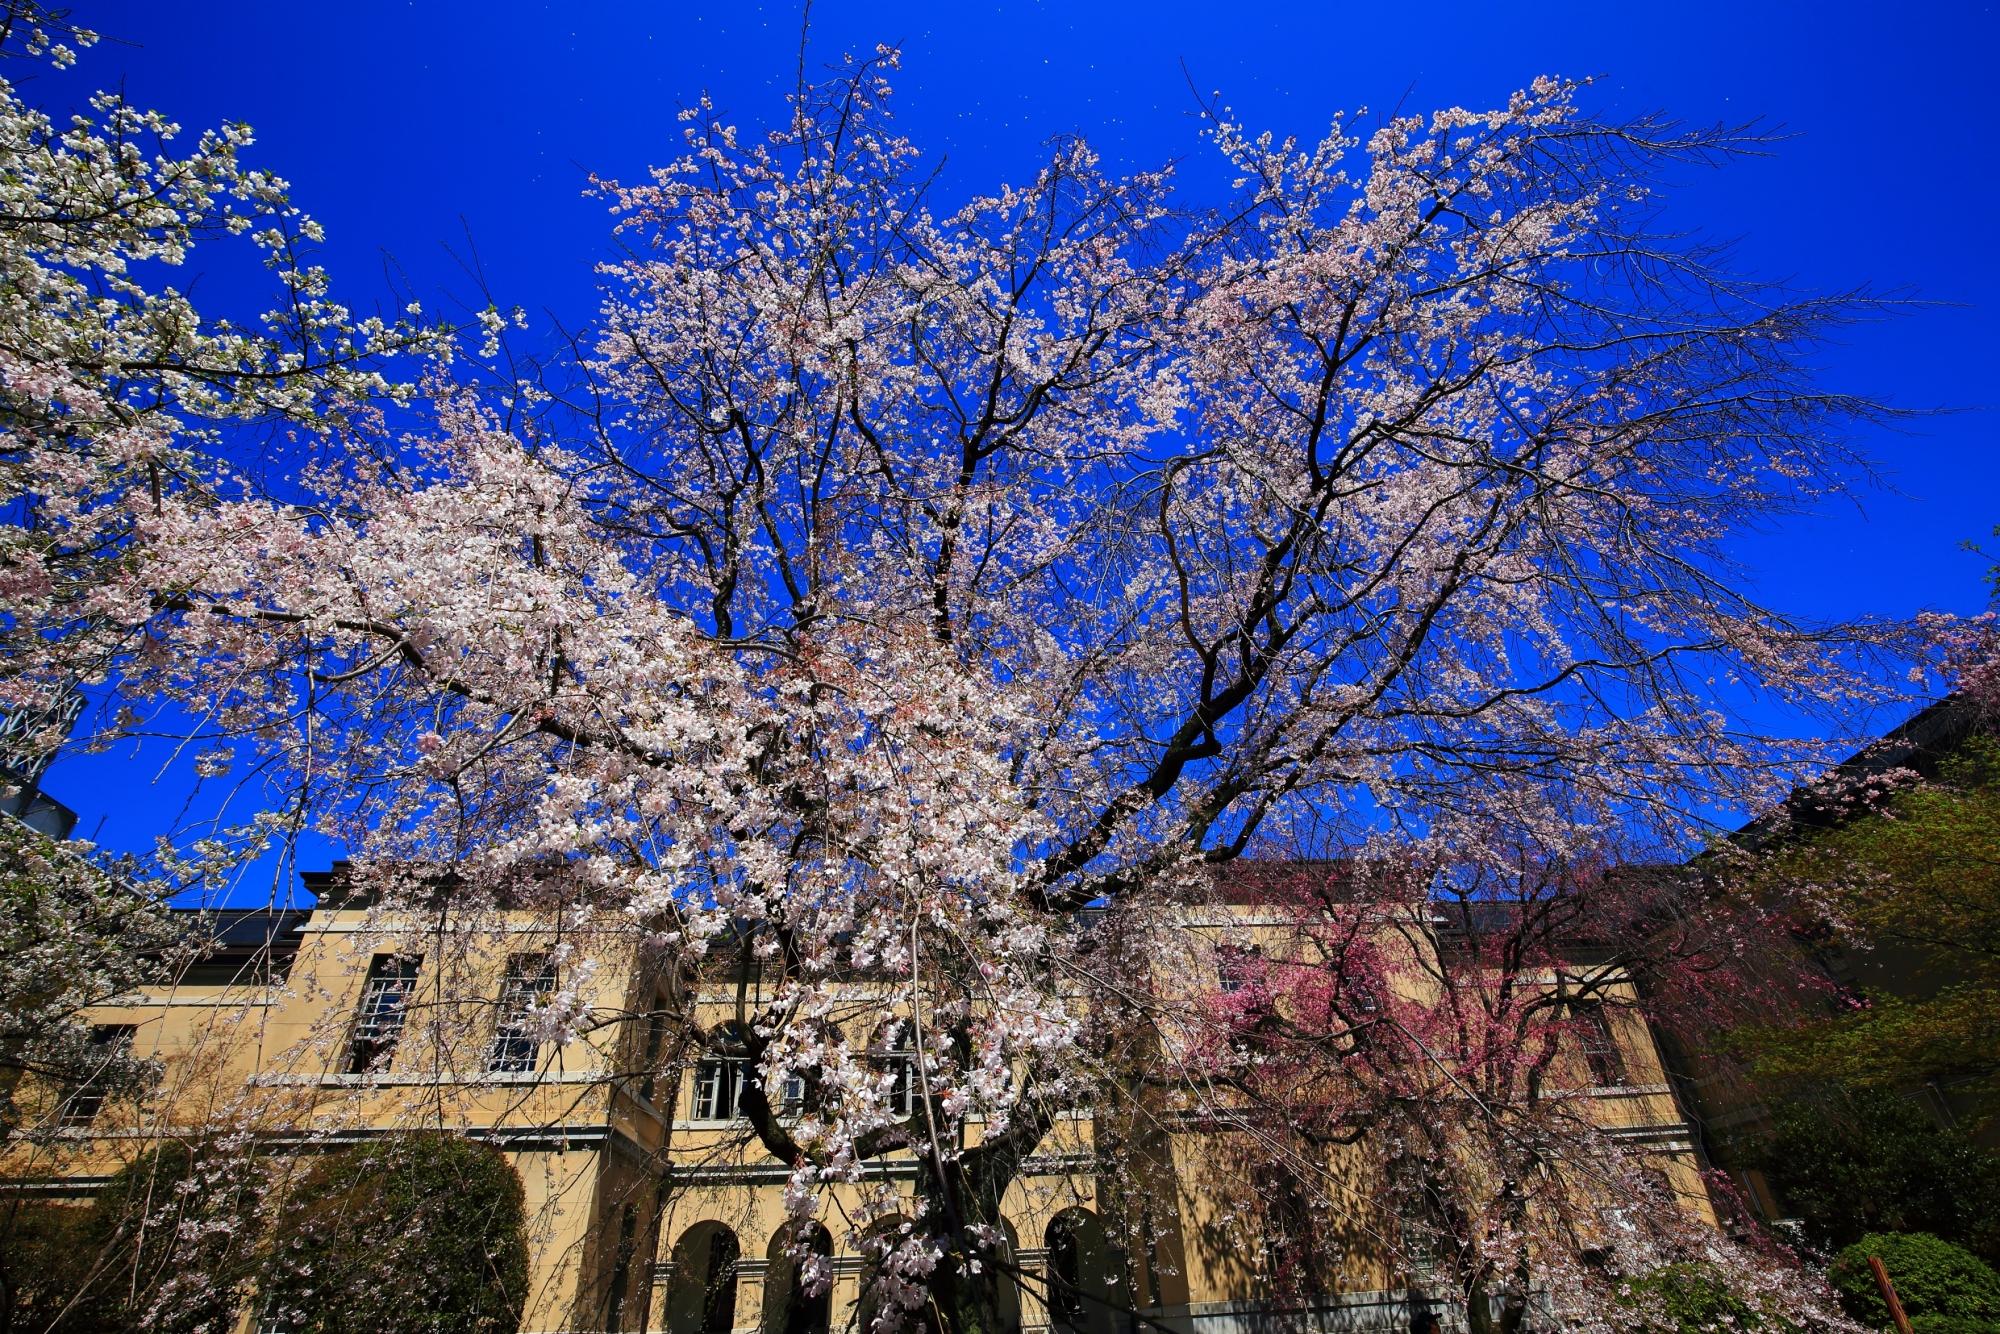 1階から眺めた中庭の桜